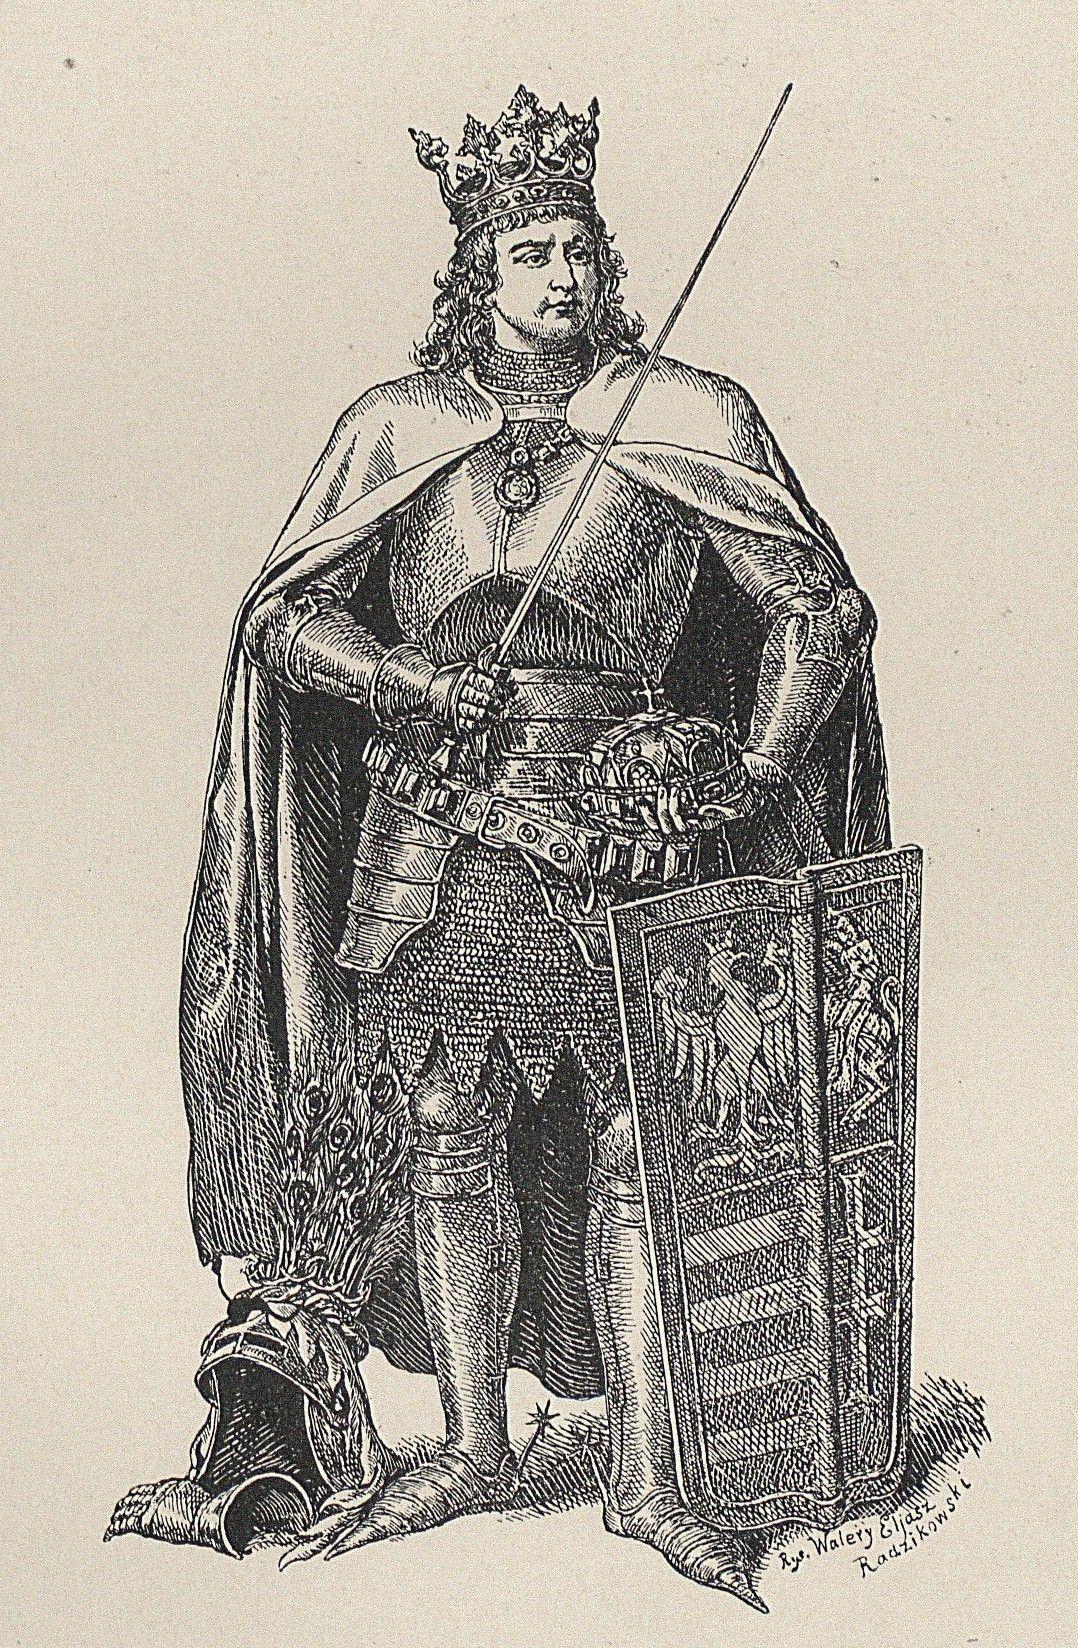 Opisując Warneńczyka Długosz poza jednym wyjątkiem ukazuje władcę w jak najlepszym świetle. Na ilustracji portret monarchy autorstwa Walerego Eljasza-Radzikowskiego.